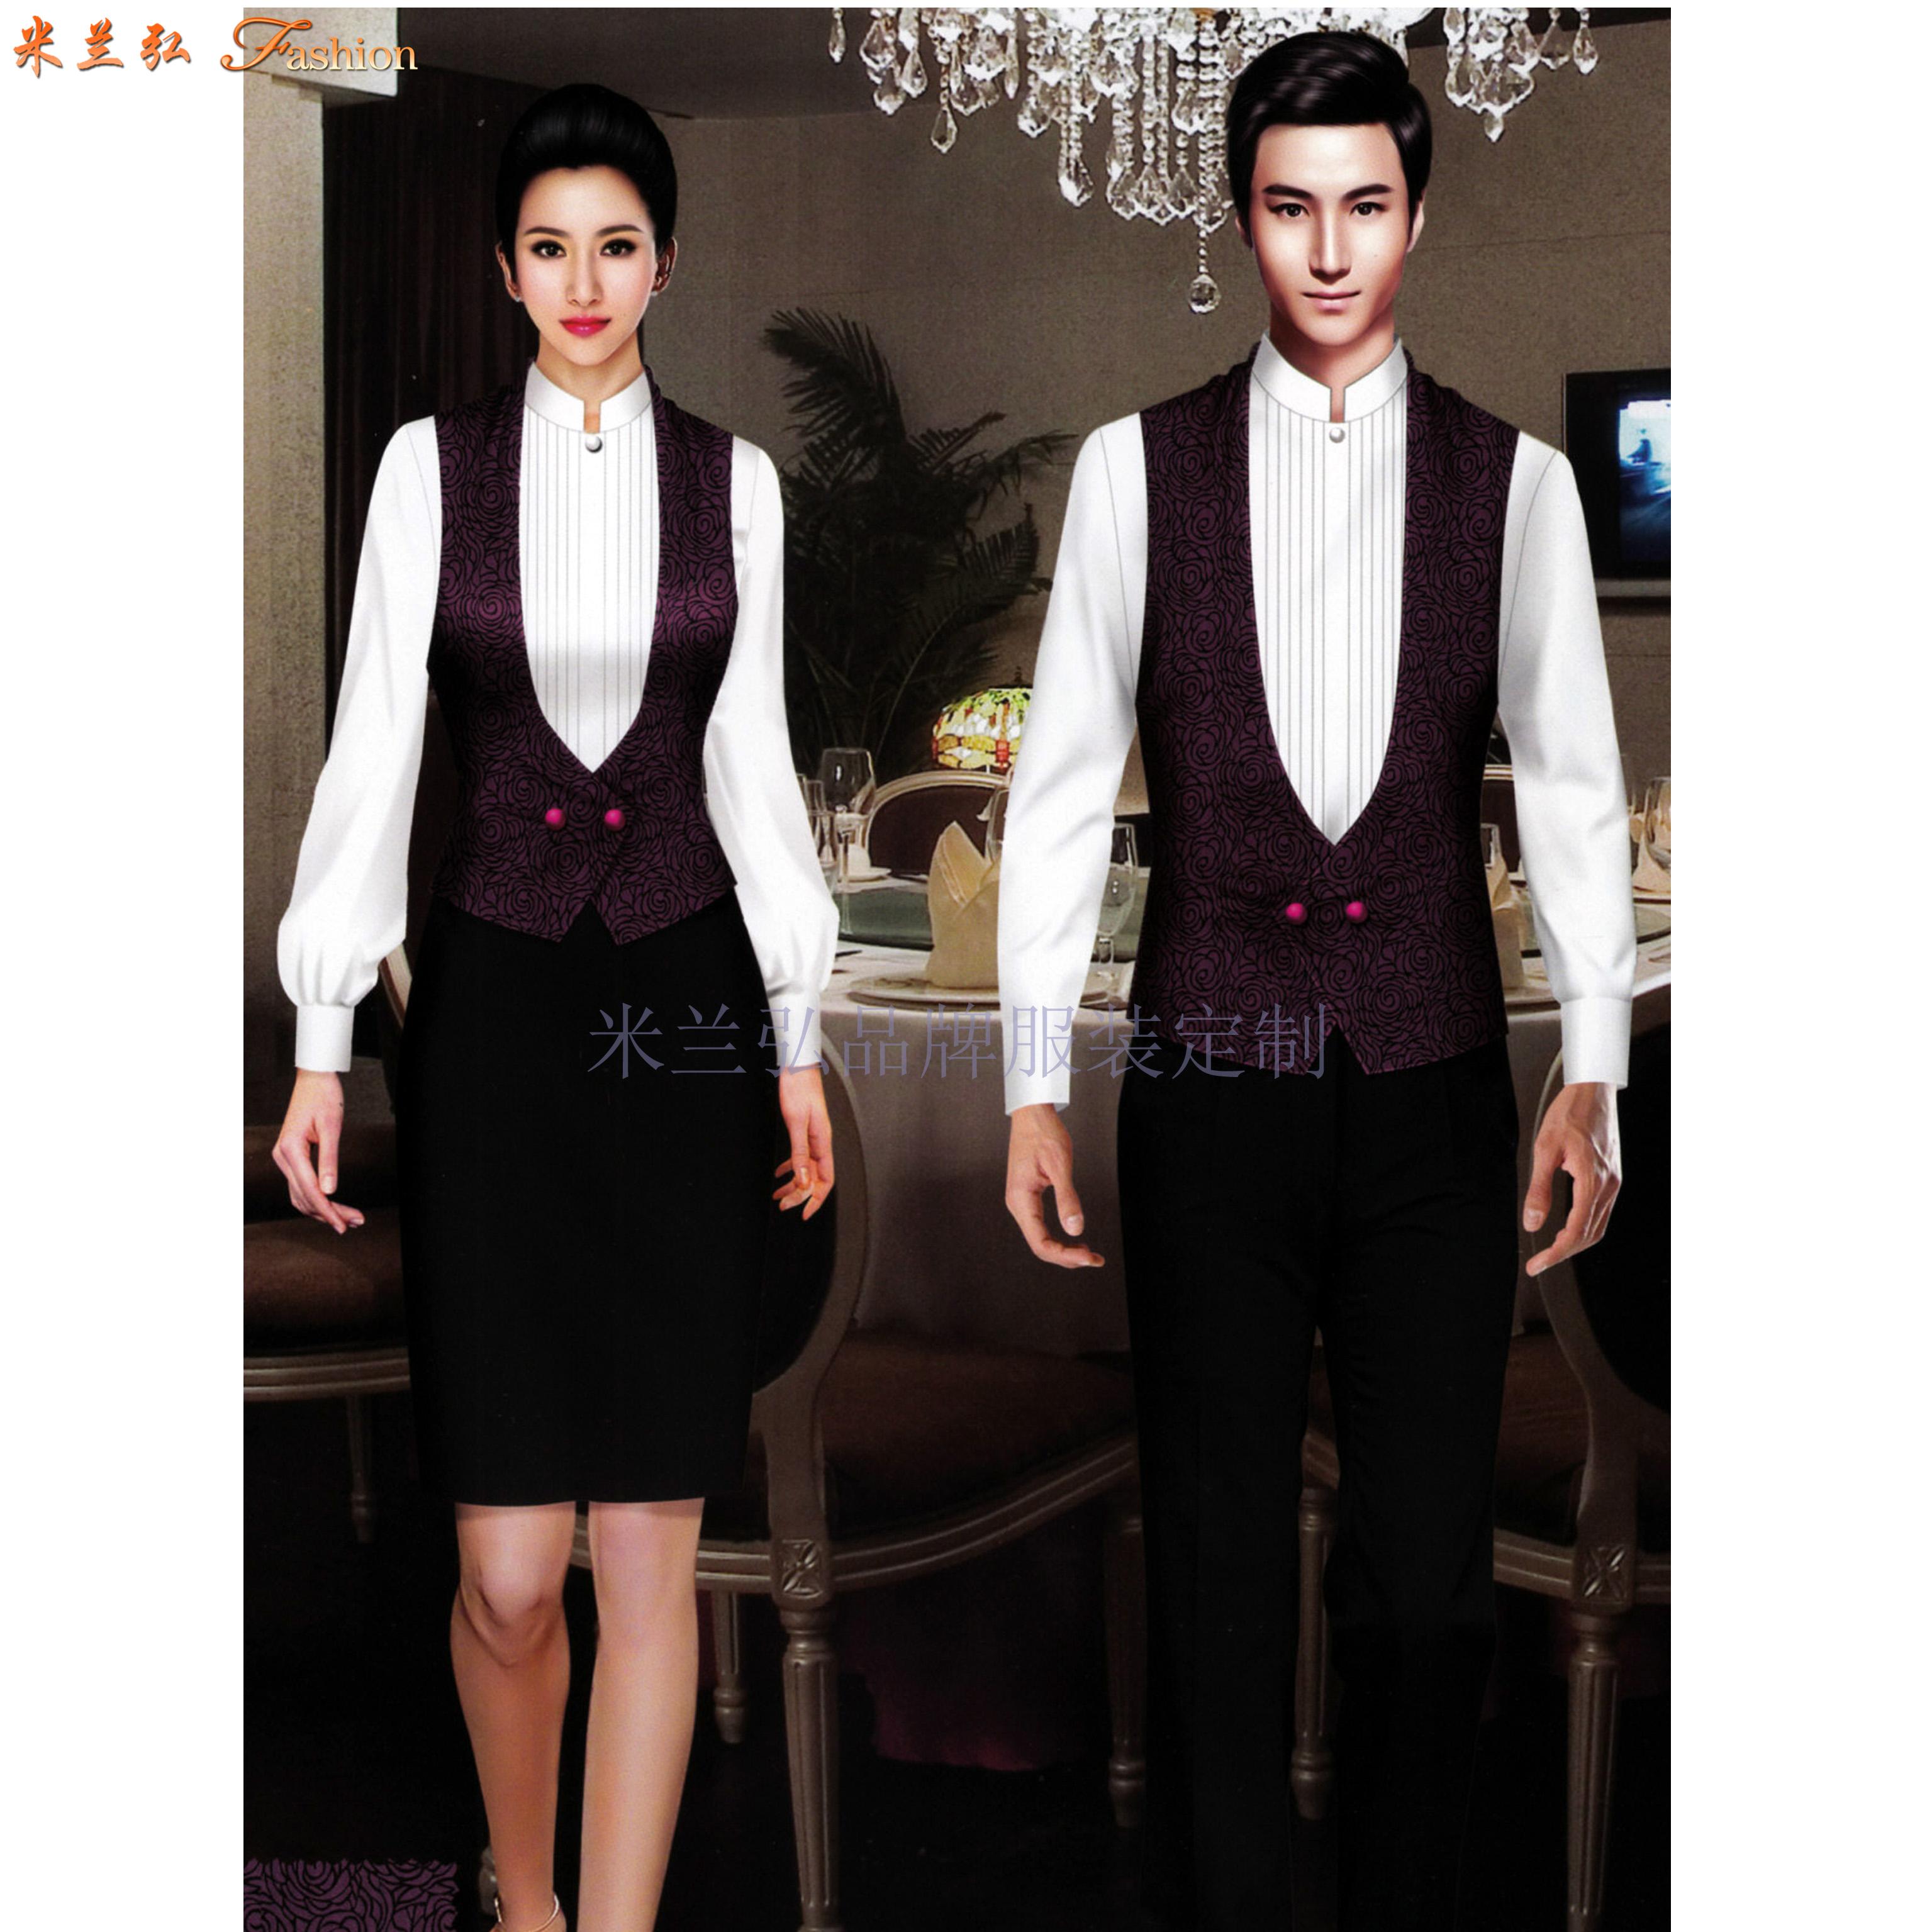 江西酒店服裝定做-餐飲工作服訂制價格-米蘭弘服裝-4